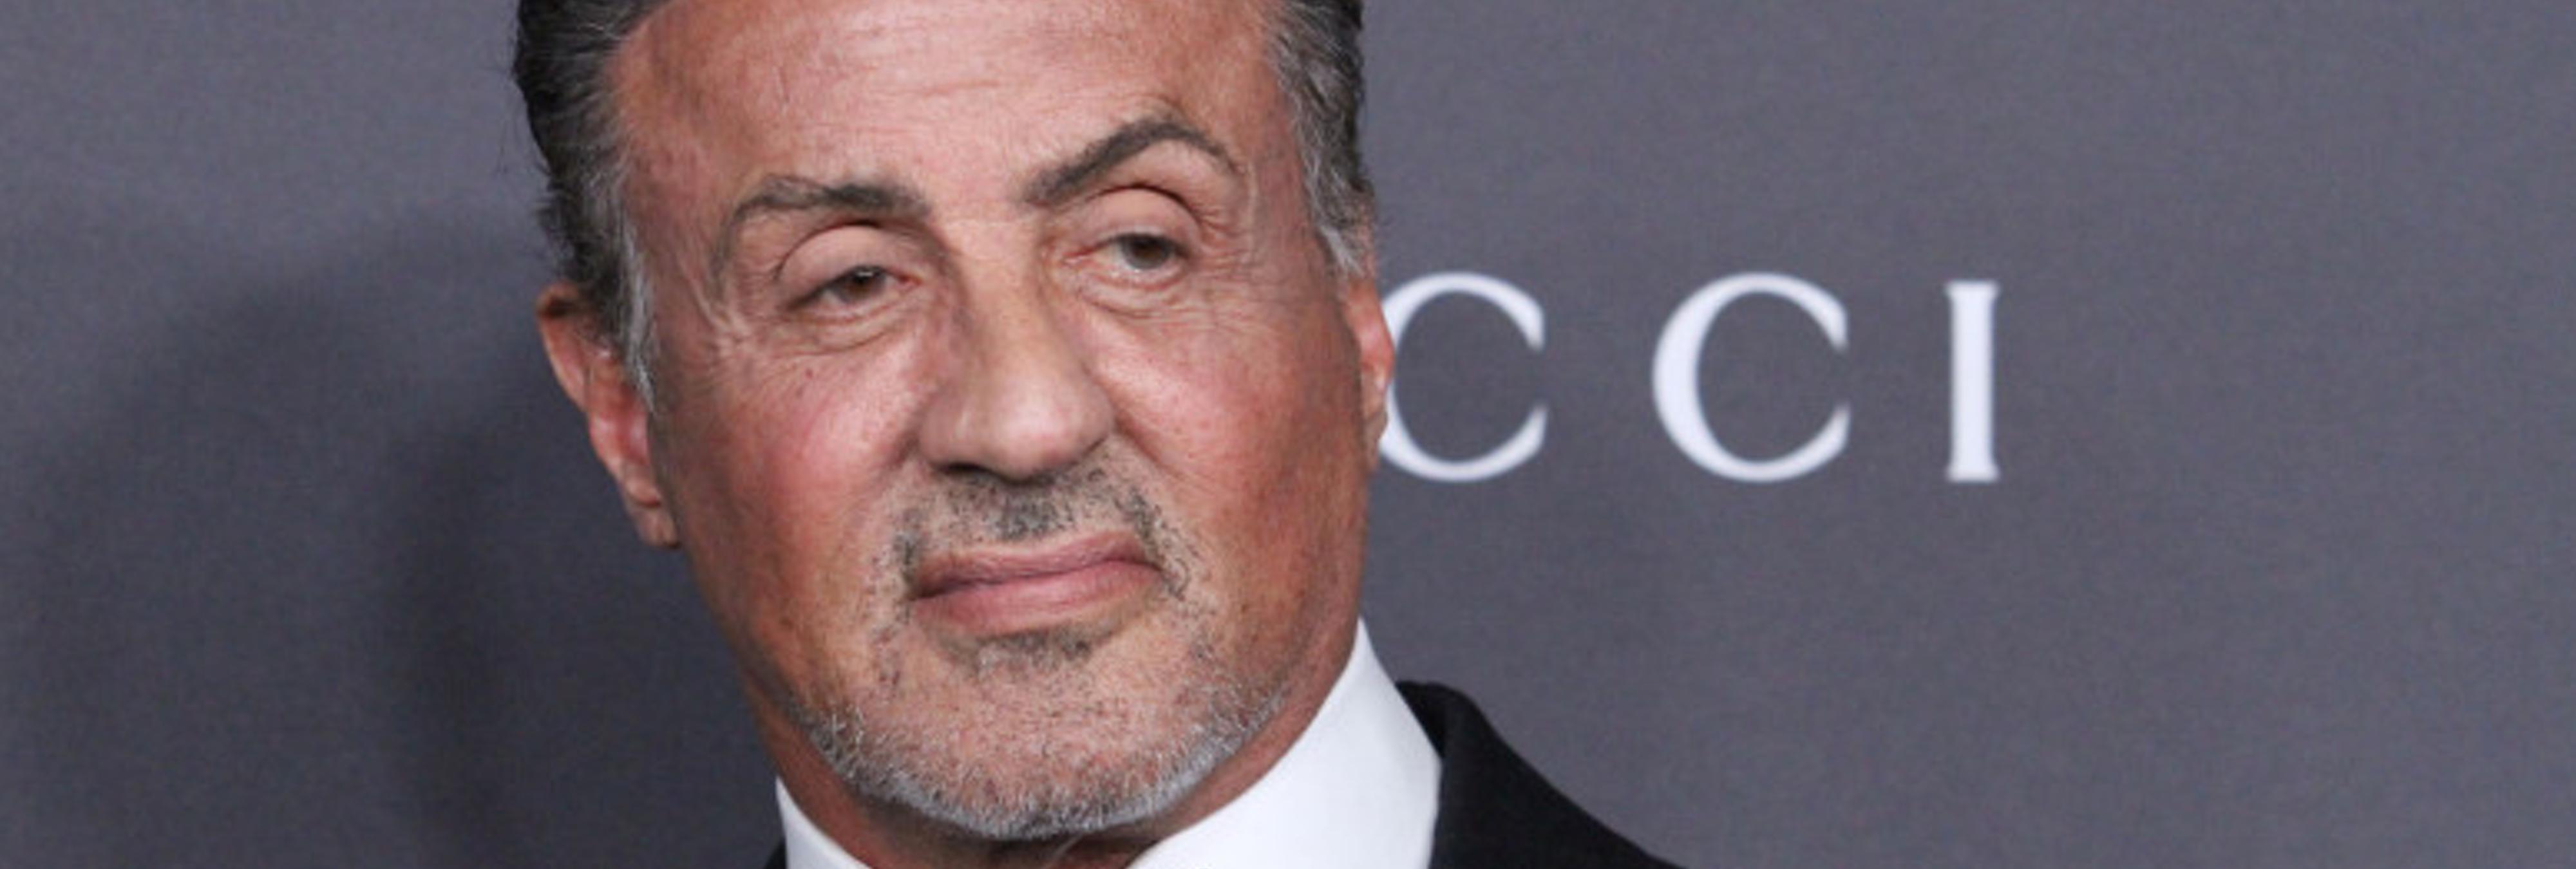 Sylvester Stallone, acusado de abuso sexual por una joven de 16 años cuando él tenía 40